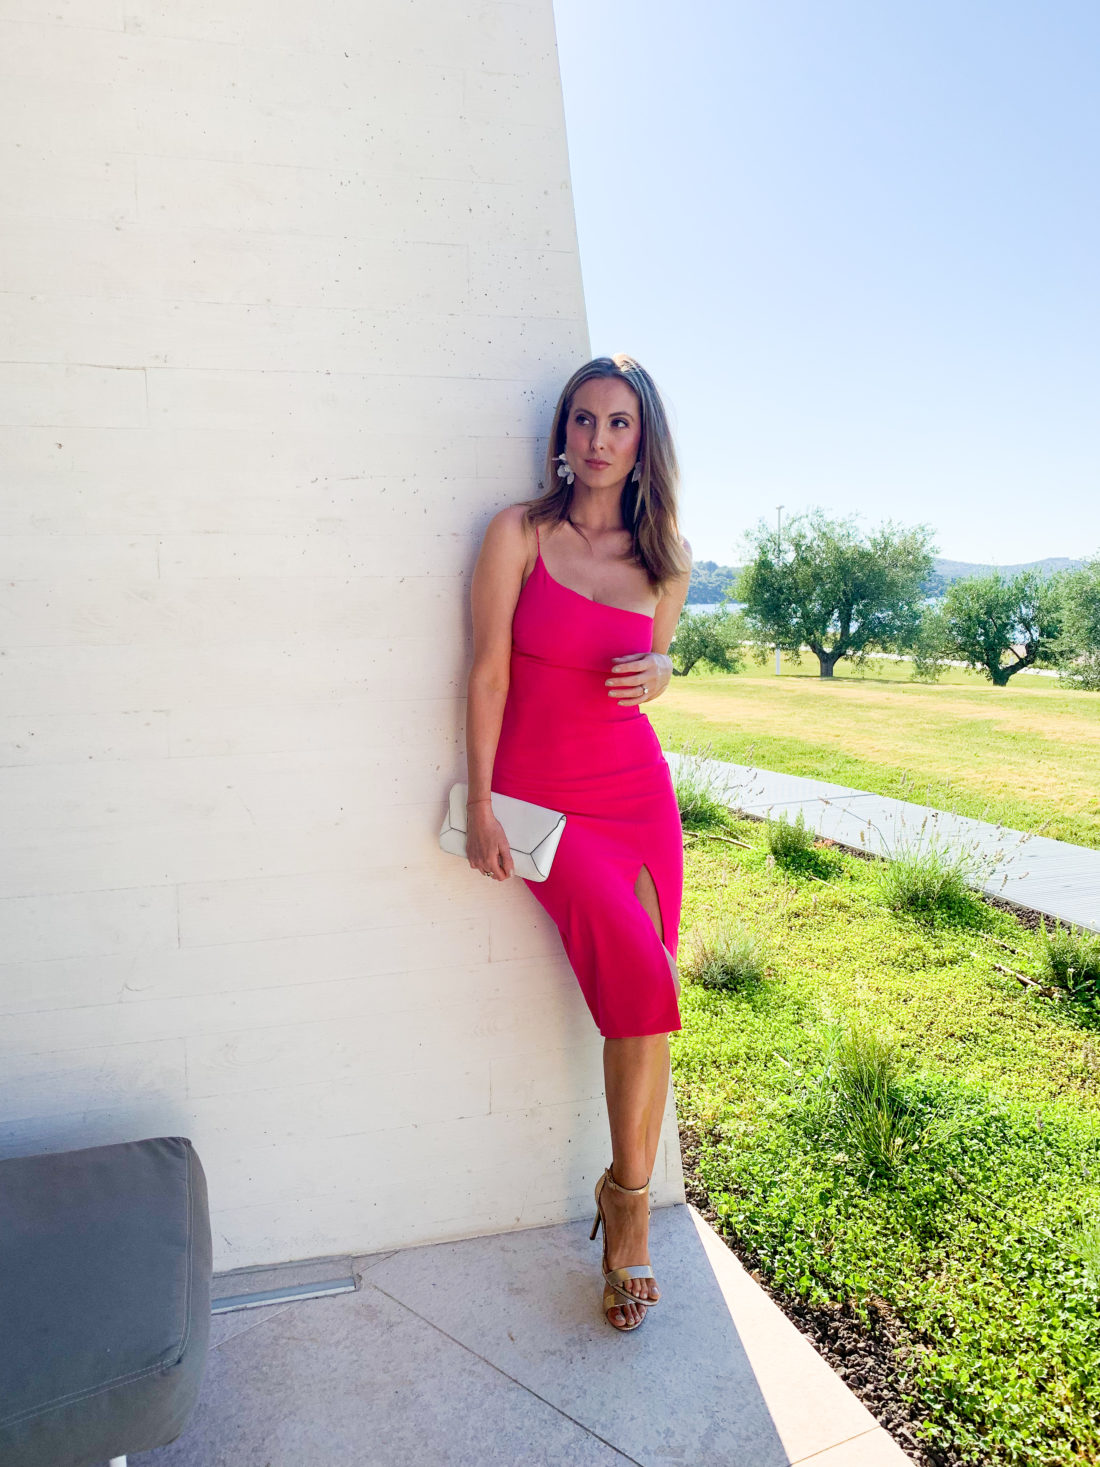 Eva Amurri Martino wears a hot pink dress in Croatia